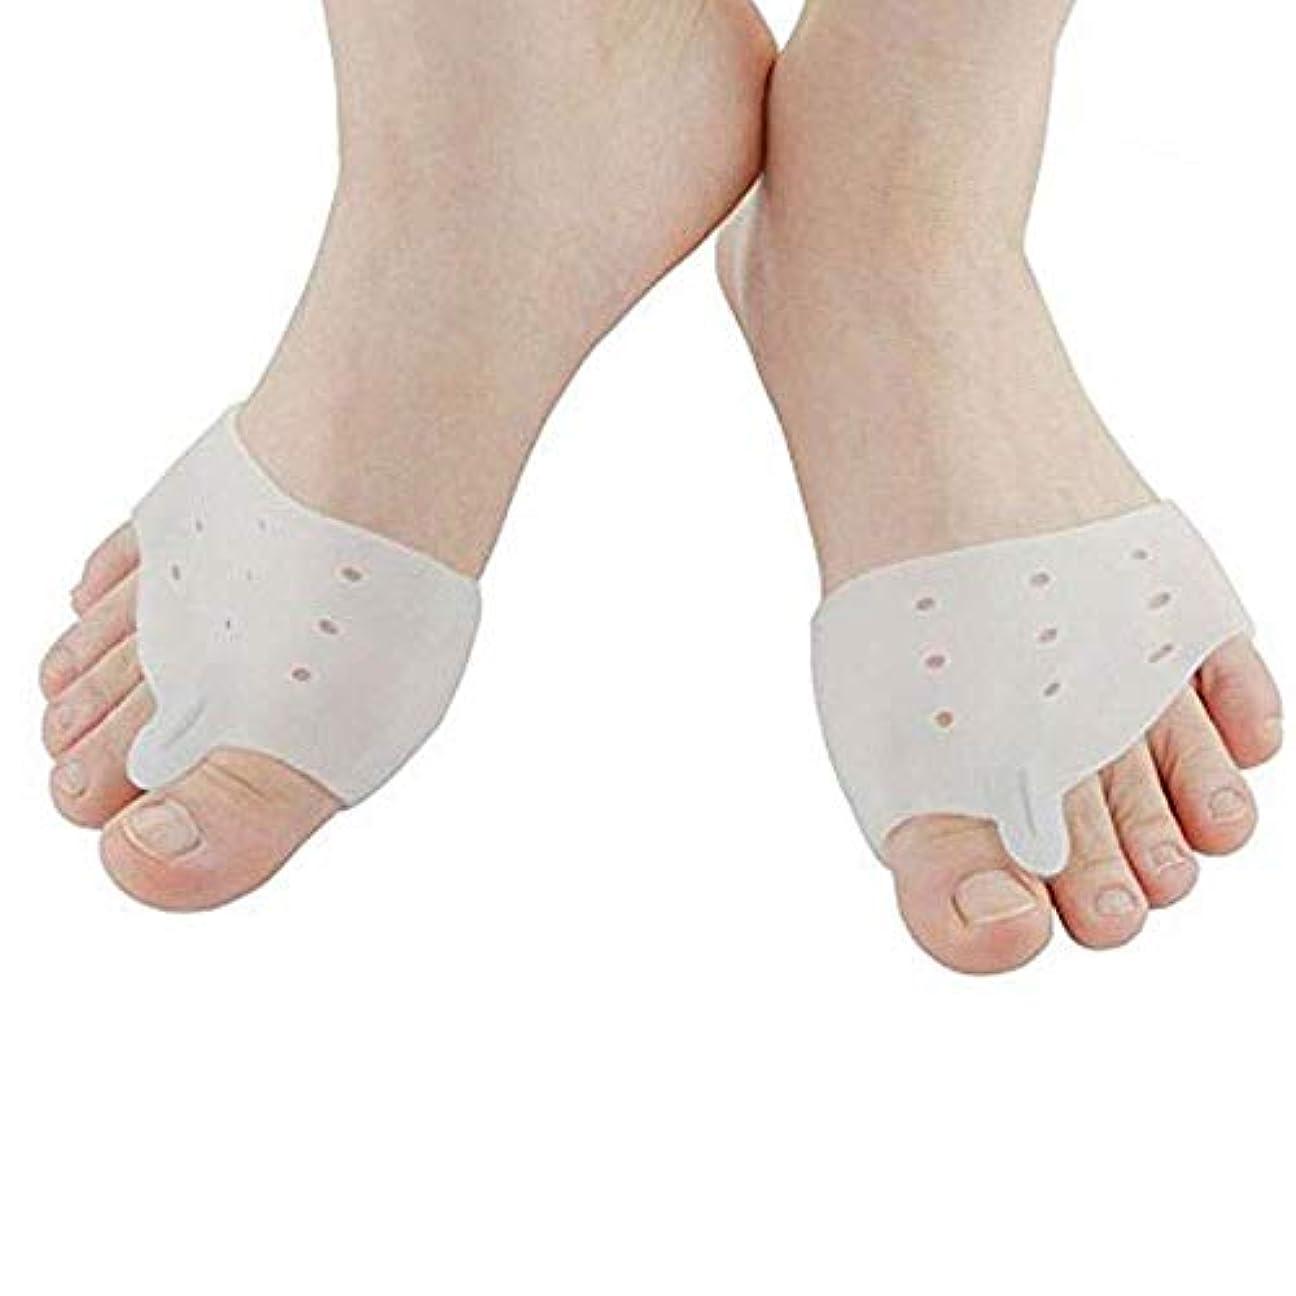 アフリカうがい薬収容する足サポーター 足指パッド セパレーター 矯正 足指を広げる 外反母趾矯正 サポーター 足指矯正パッド 足指分離 足指 足用保護パッド 足の痛みを軽減 男女兼用